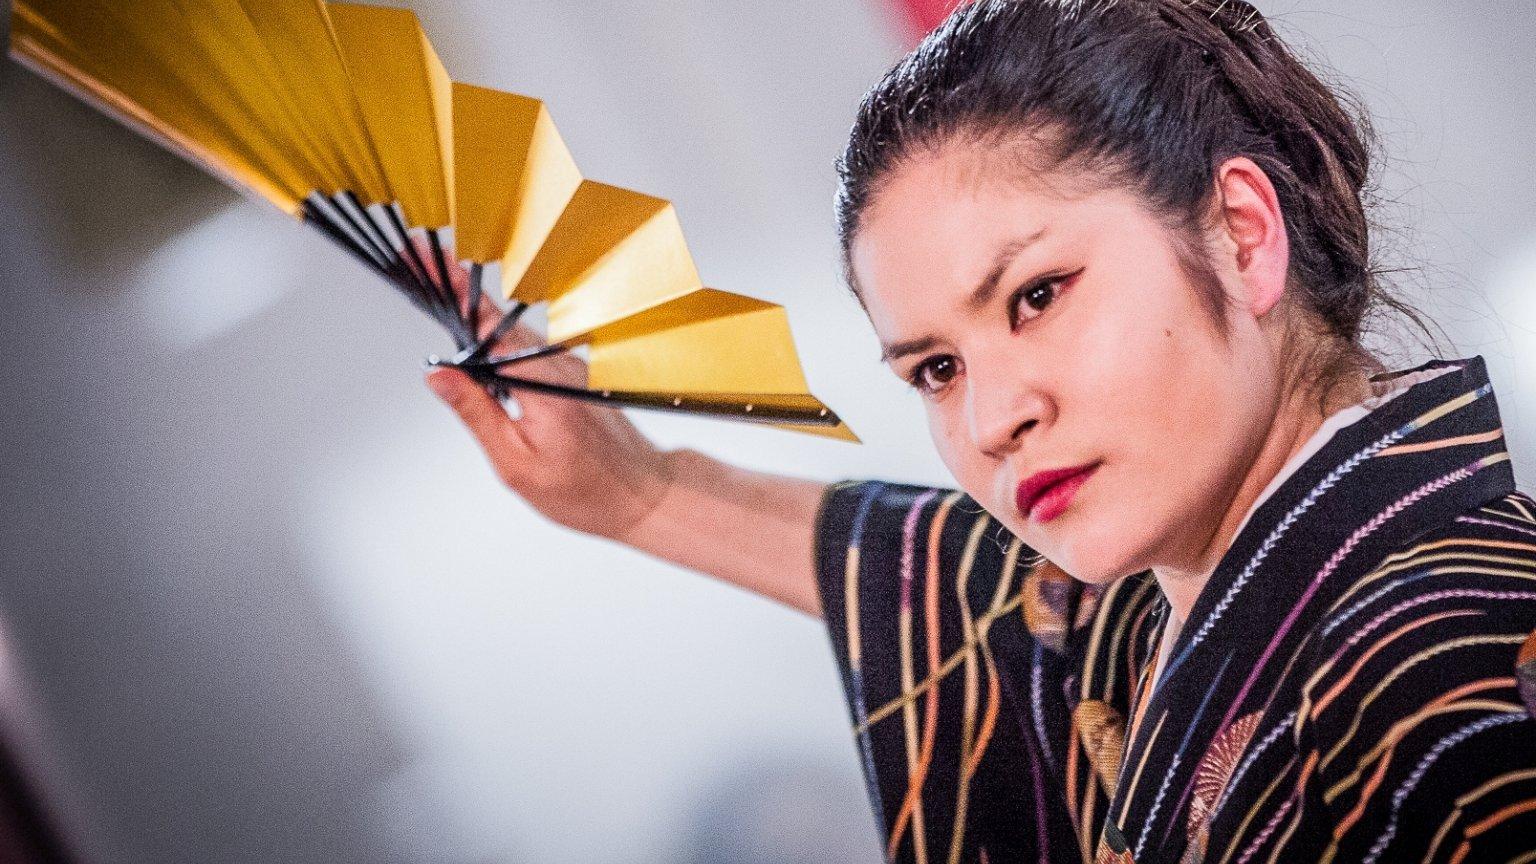 Hana Umeda